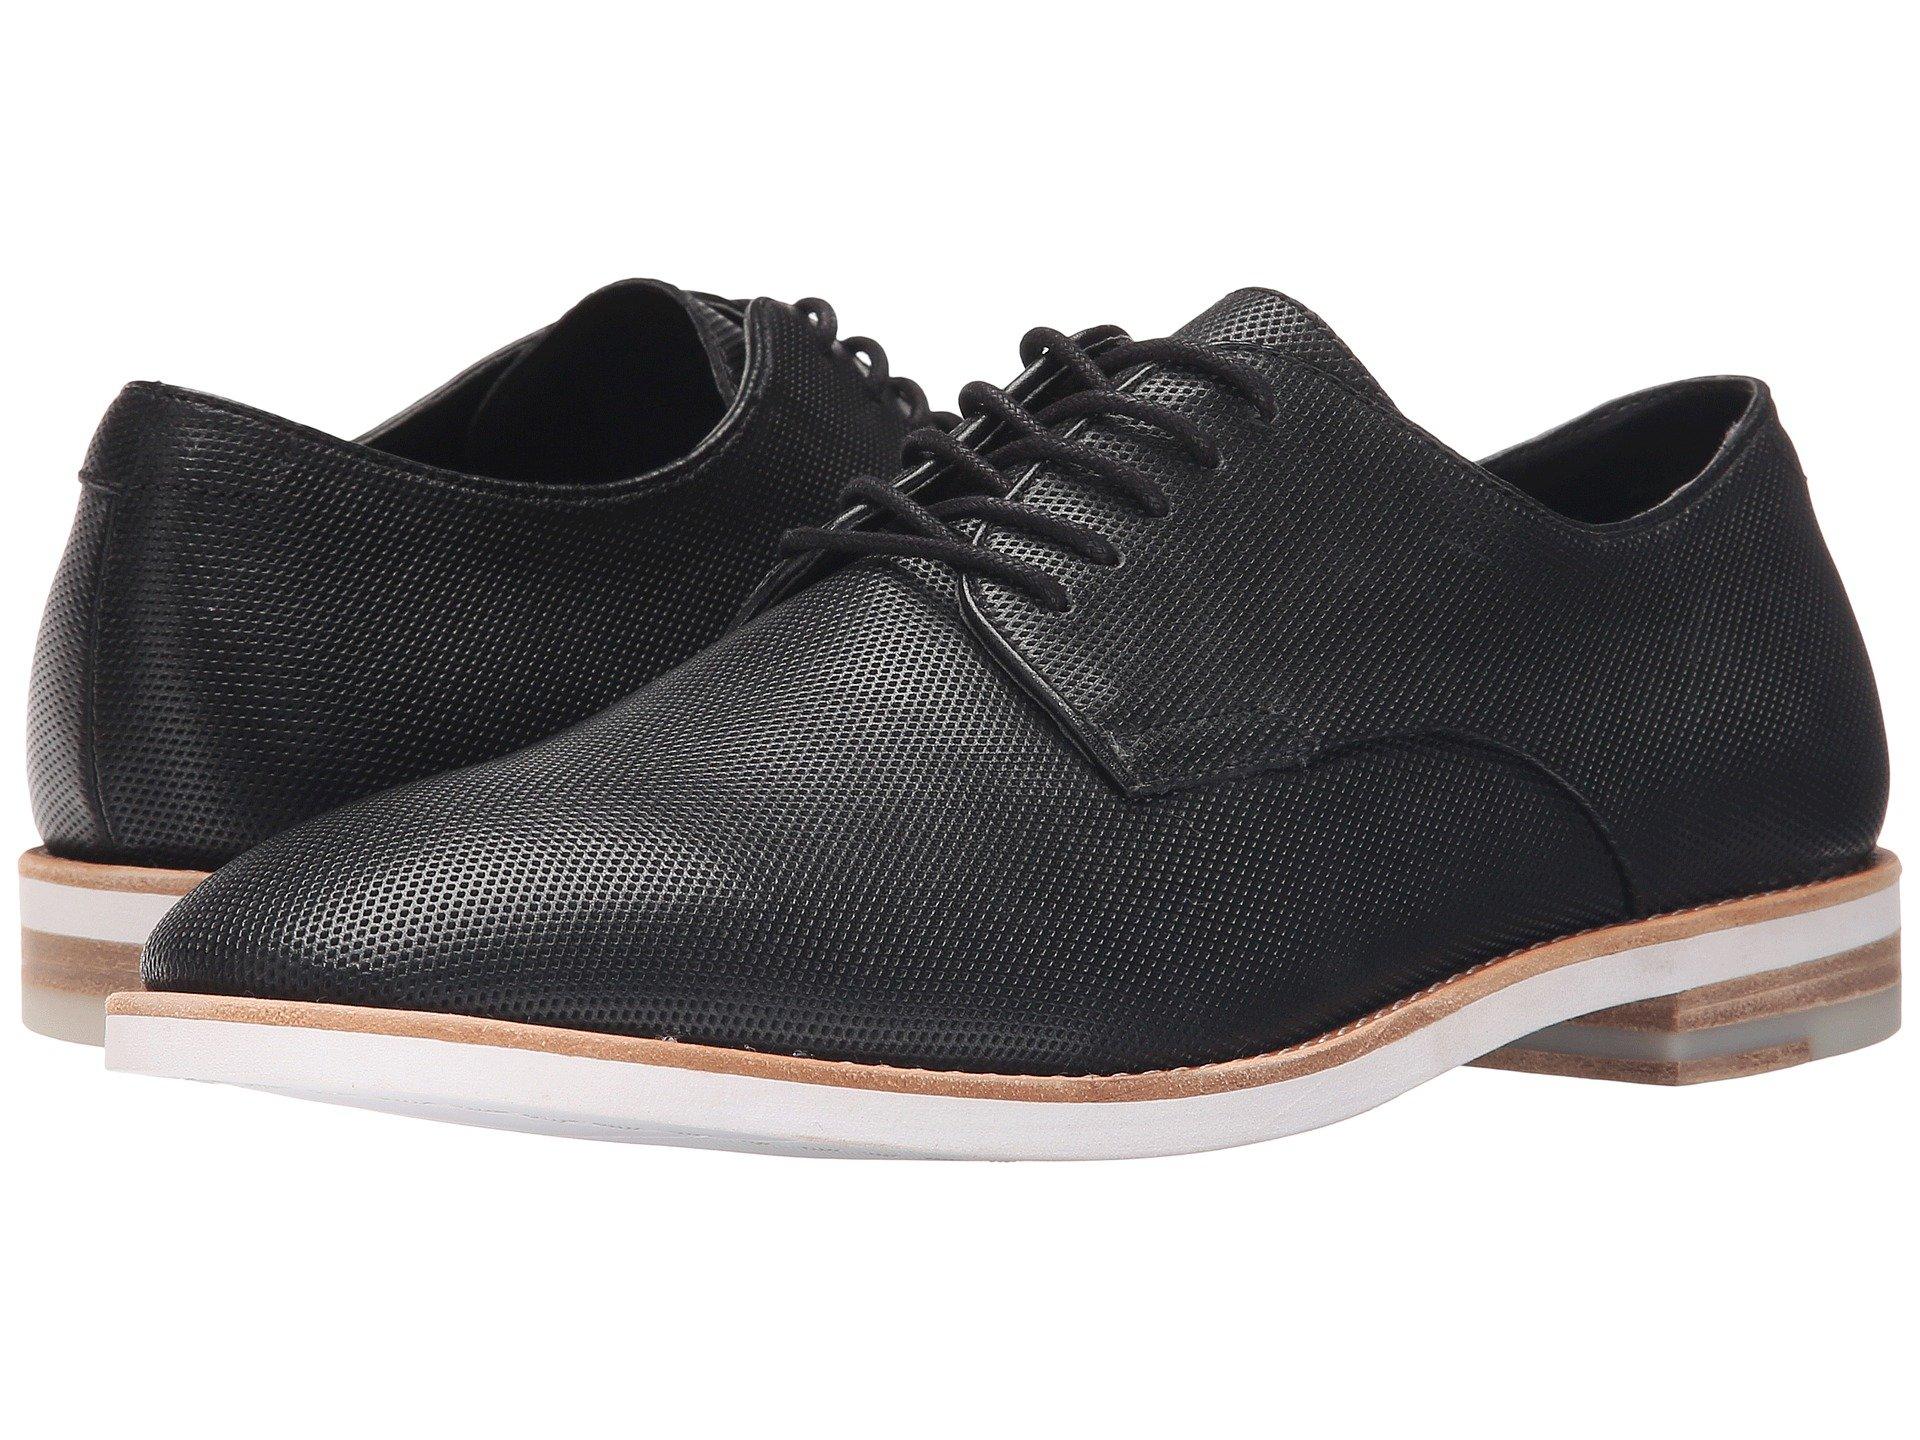 Calzado tipo Oxford para Hombre Calvin Klein Agusto  + Calvin Klein en VeoyCompro.net